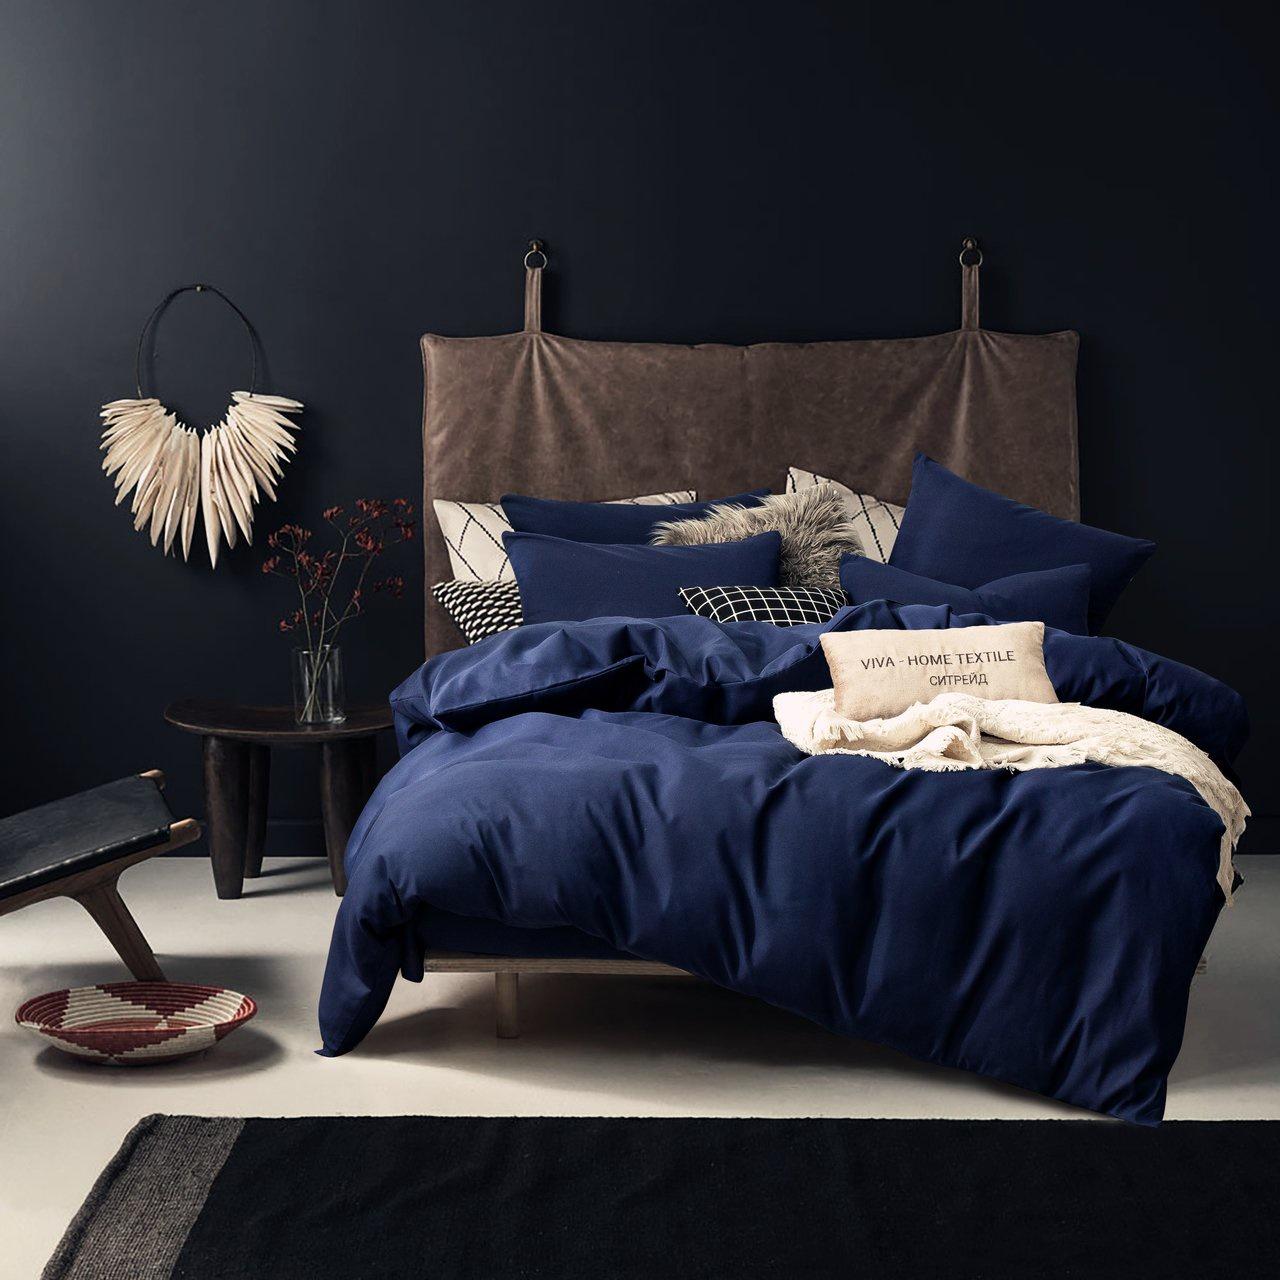 Комплект постельного белья Ситрейд CS021-1 70-70 1.5 спальный, наволочки 70-70 2 шт елка канадская 150 см 342 ветки 1 шт в упаковке 2